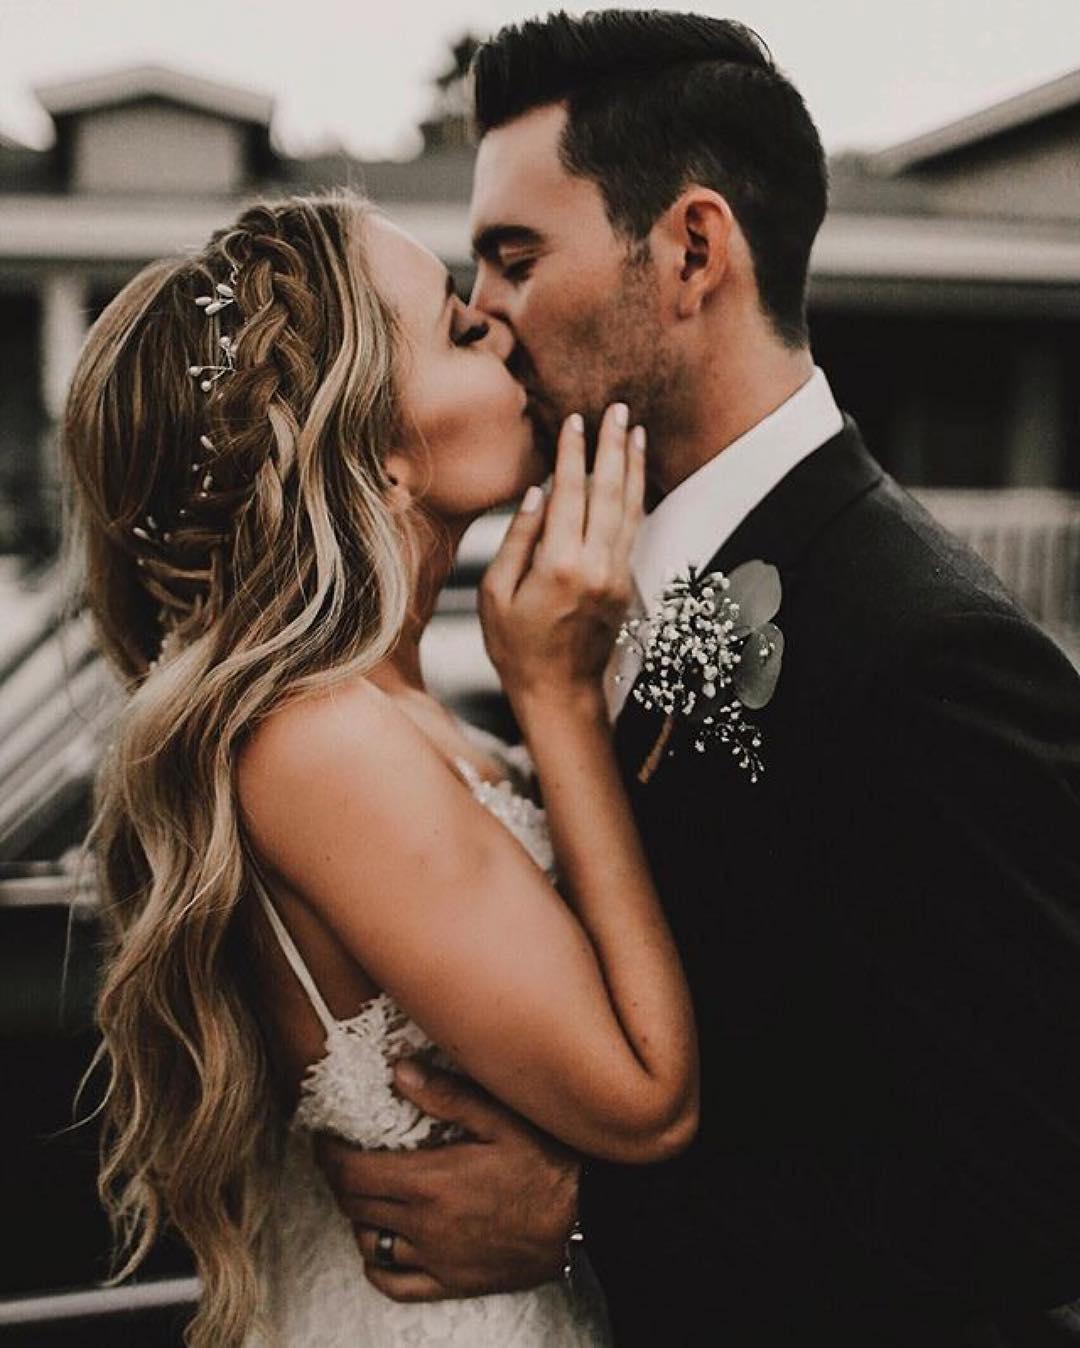 Pareja de novios en la boda. Foto: Michaela M. Photography